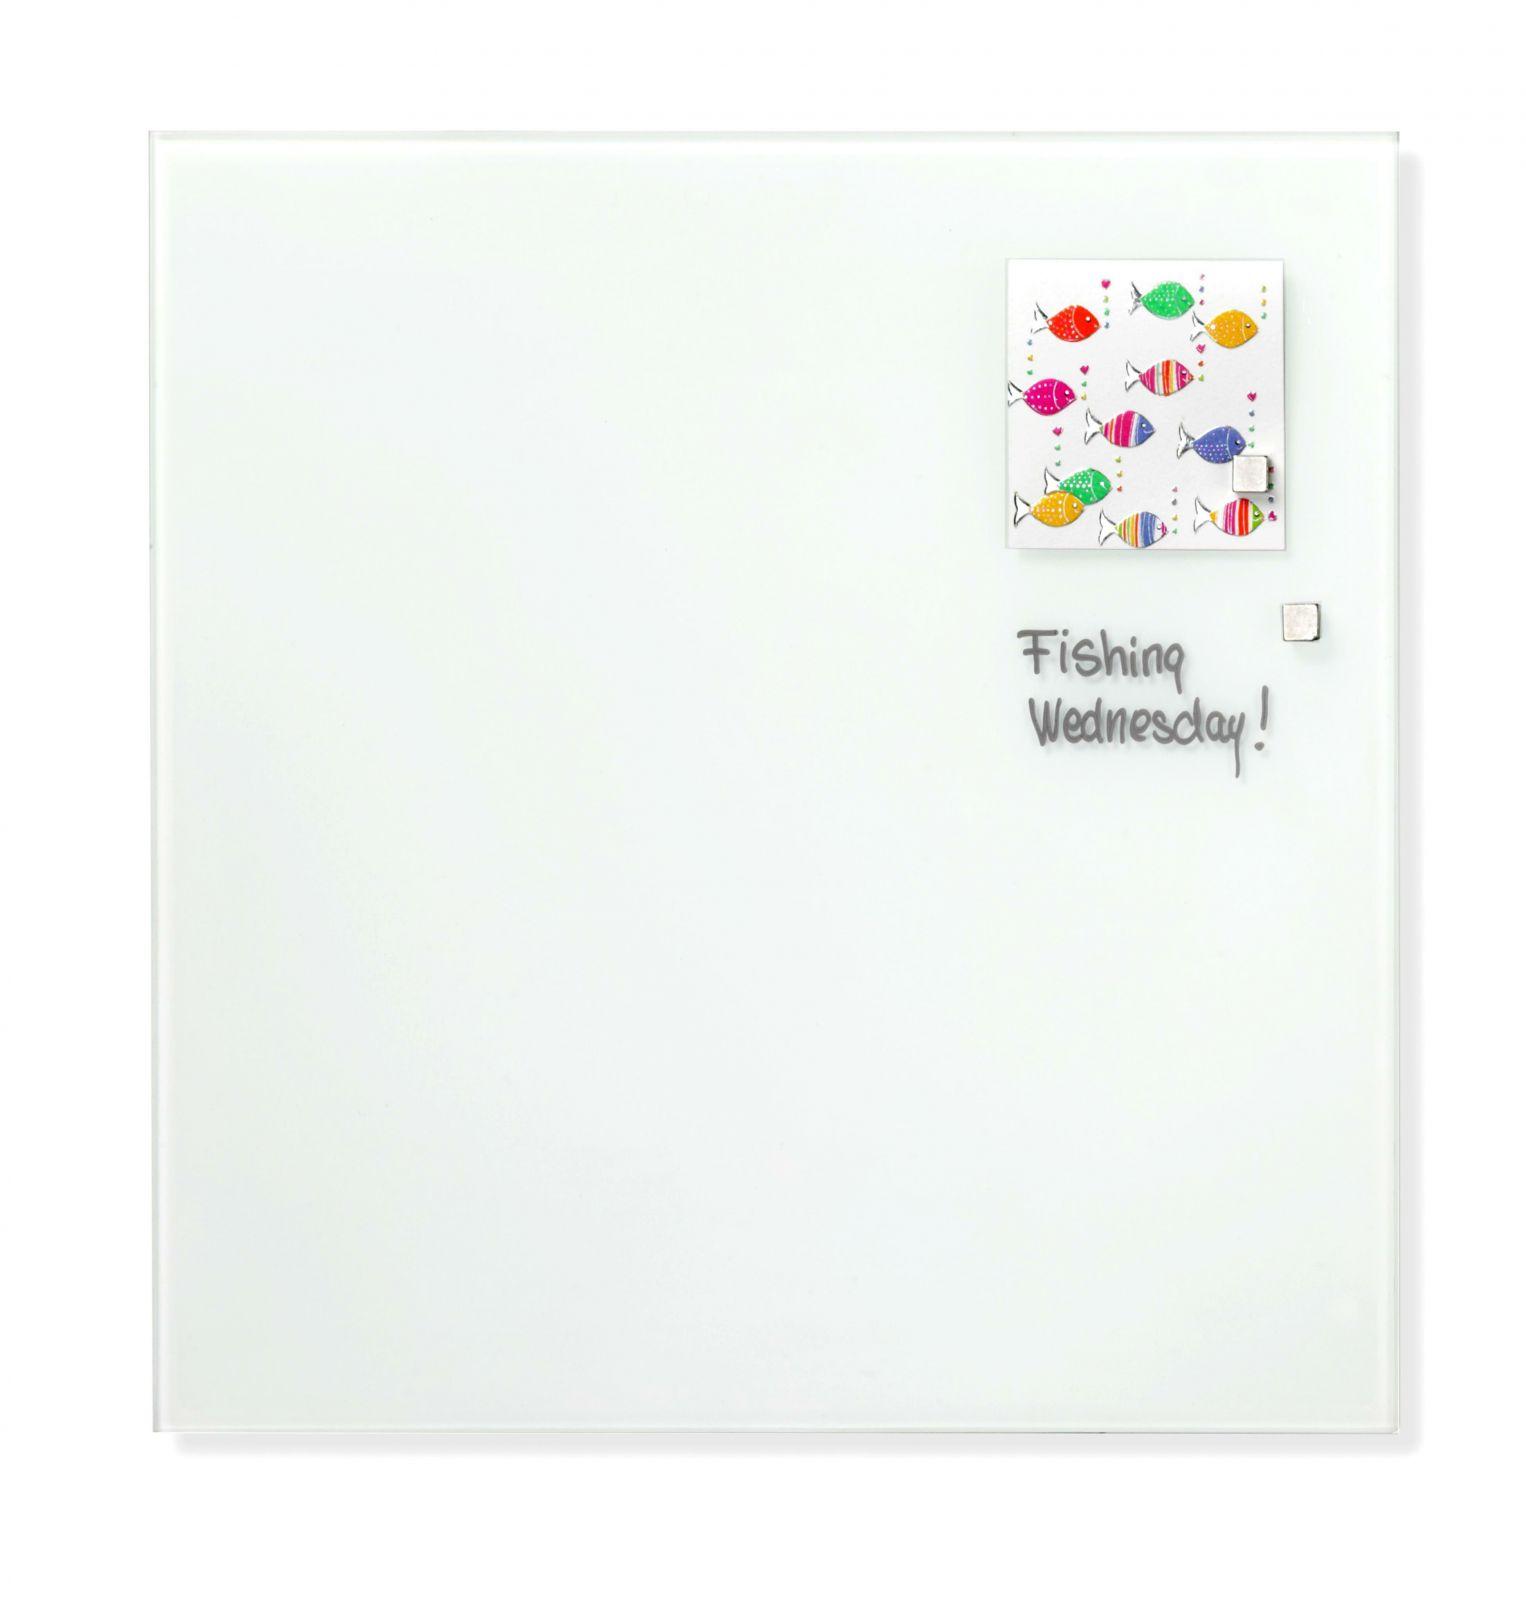 Skleněná magnetická tabule, 35x35, Bílá